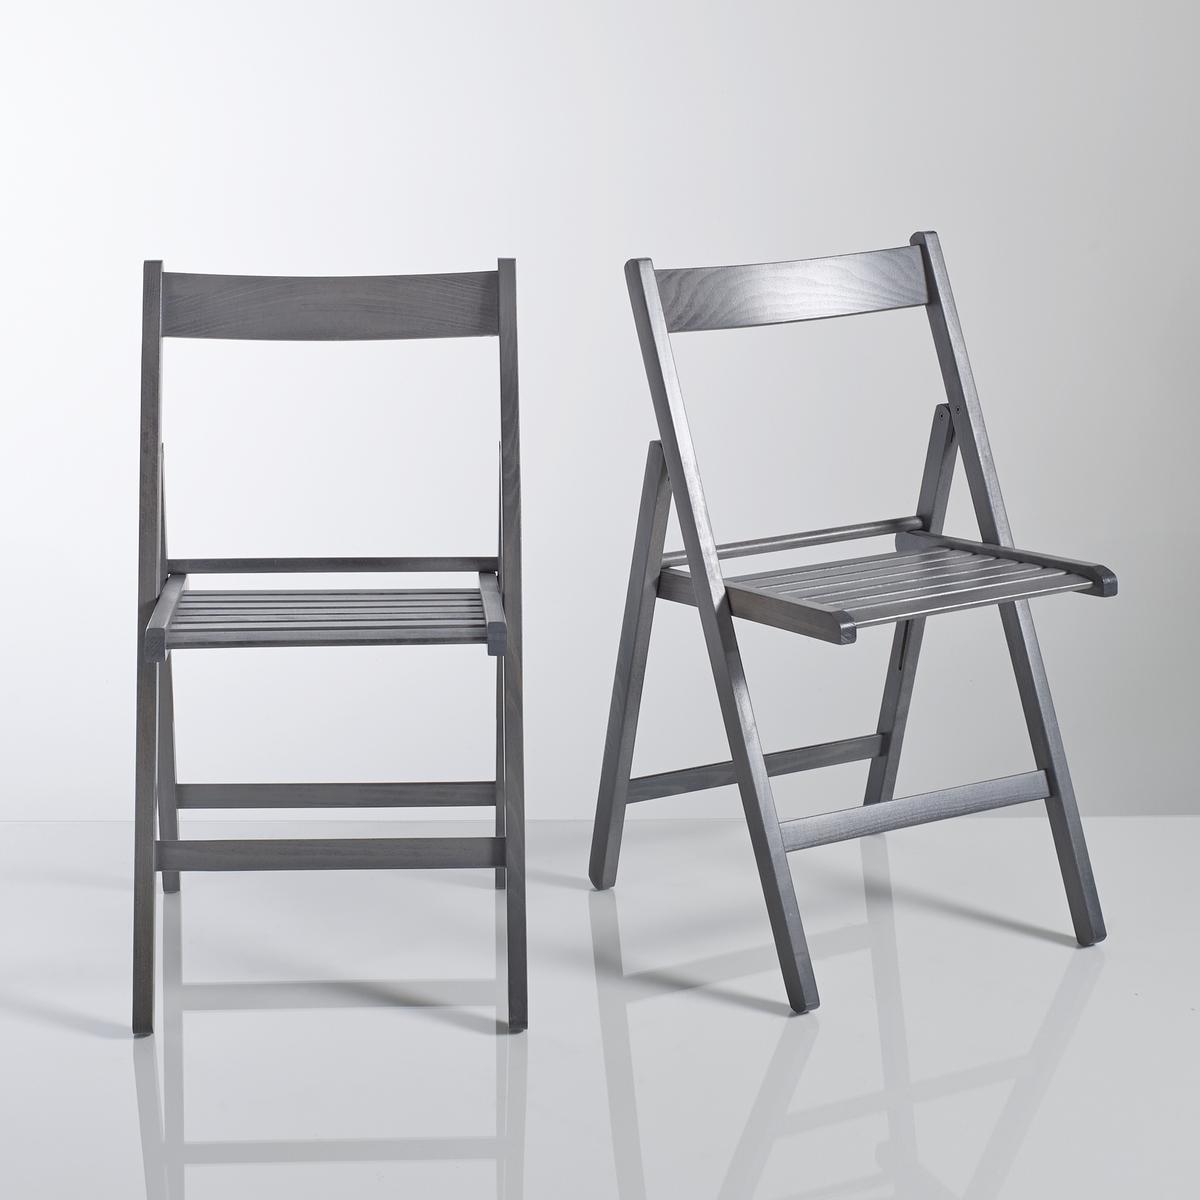 2 складных стула из массива бука Yann2 складных стула Yann. Практичные и необходимые в любом доме складные стулья Yann из массива дерева в 4 цветах с лаковым покрытием, подчеркивающим фактуру древесины. Европейское производство.     Характеристика складных стульев Yann:Сертифицированный массив бука FSC (FSC n°C104535), анилиновое лаковое покрытие (на водной основе) подчеркивает фактуру древесины.Крепления из оцинкованной стали.Вся коллекция Yann на сайте laredoute.ru.Размеры складных стульев Yann:Общие размеры для 1 стулаДлина: 43 см.Высота: 80 см.Ширина: 47 см.Сиденье: Д38 x В45 x Ш30 см.Вес: 3 кг.Размеры и вес упаковки:1 упаковка.Д89 x В15 x Ш45 см.7 кг.Доставка:2 складных стула Yann продаются в собранном виде.Внимание! Убедитесь в том, что посылку можно доставить на дом, учитывая ее габариты(проходит в двери, по лестницам, в лифты).<br><br>Цвет: красный,серо-бежевый,серый<br>Размер: единый размер